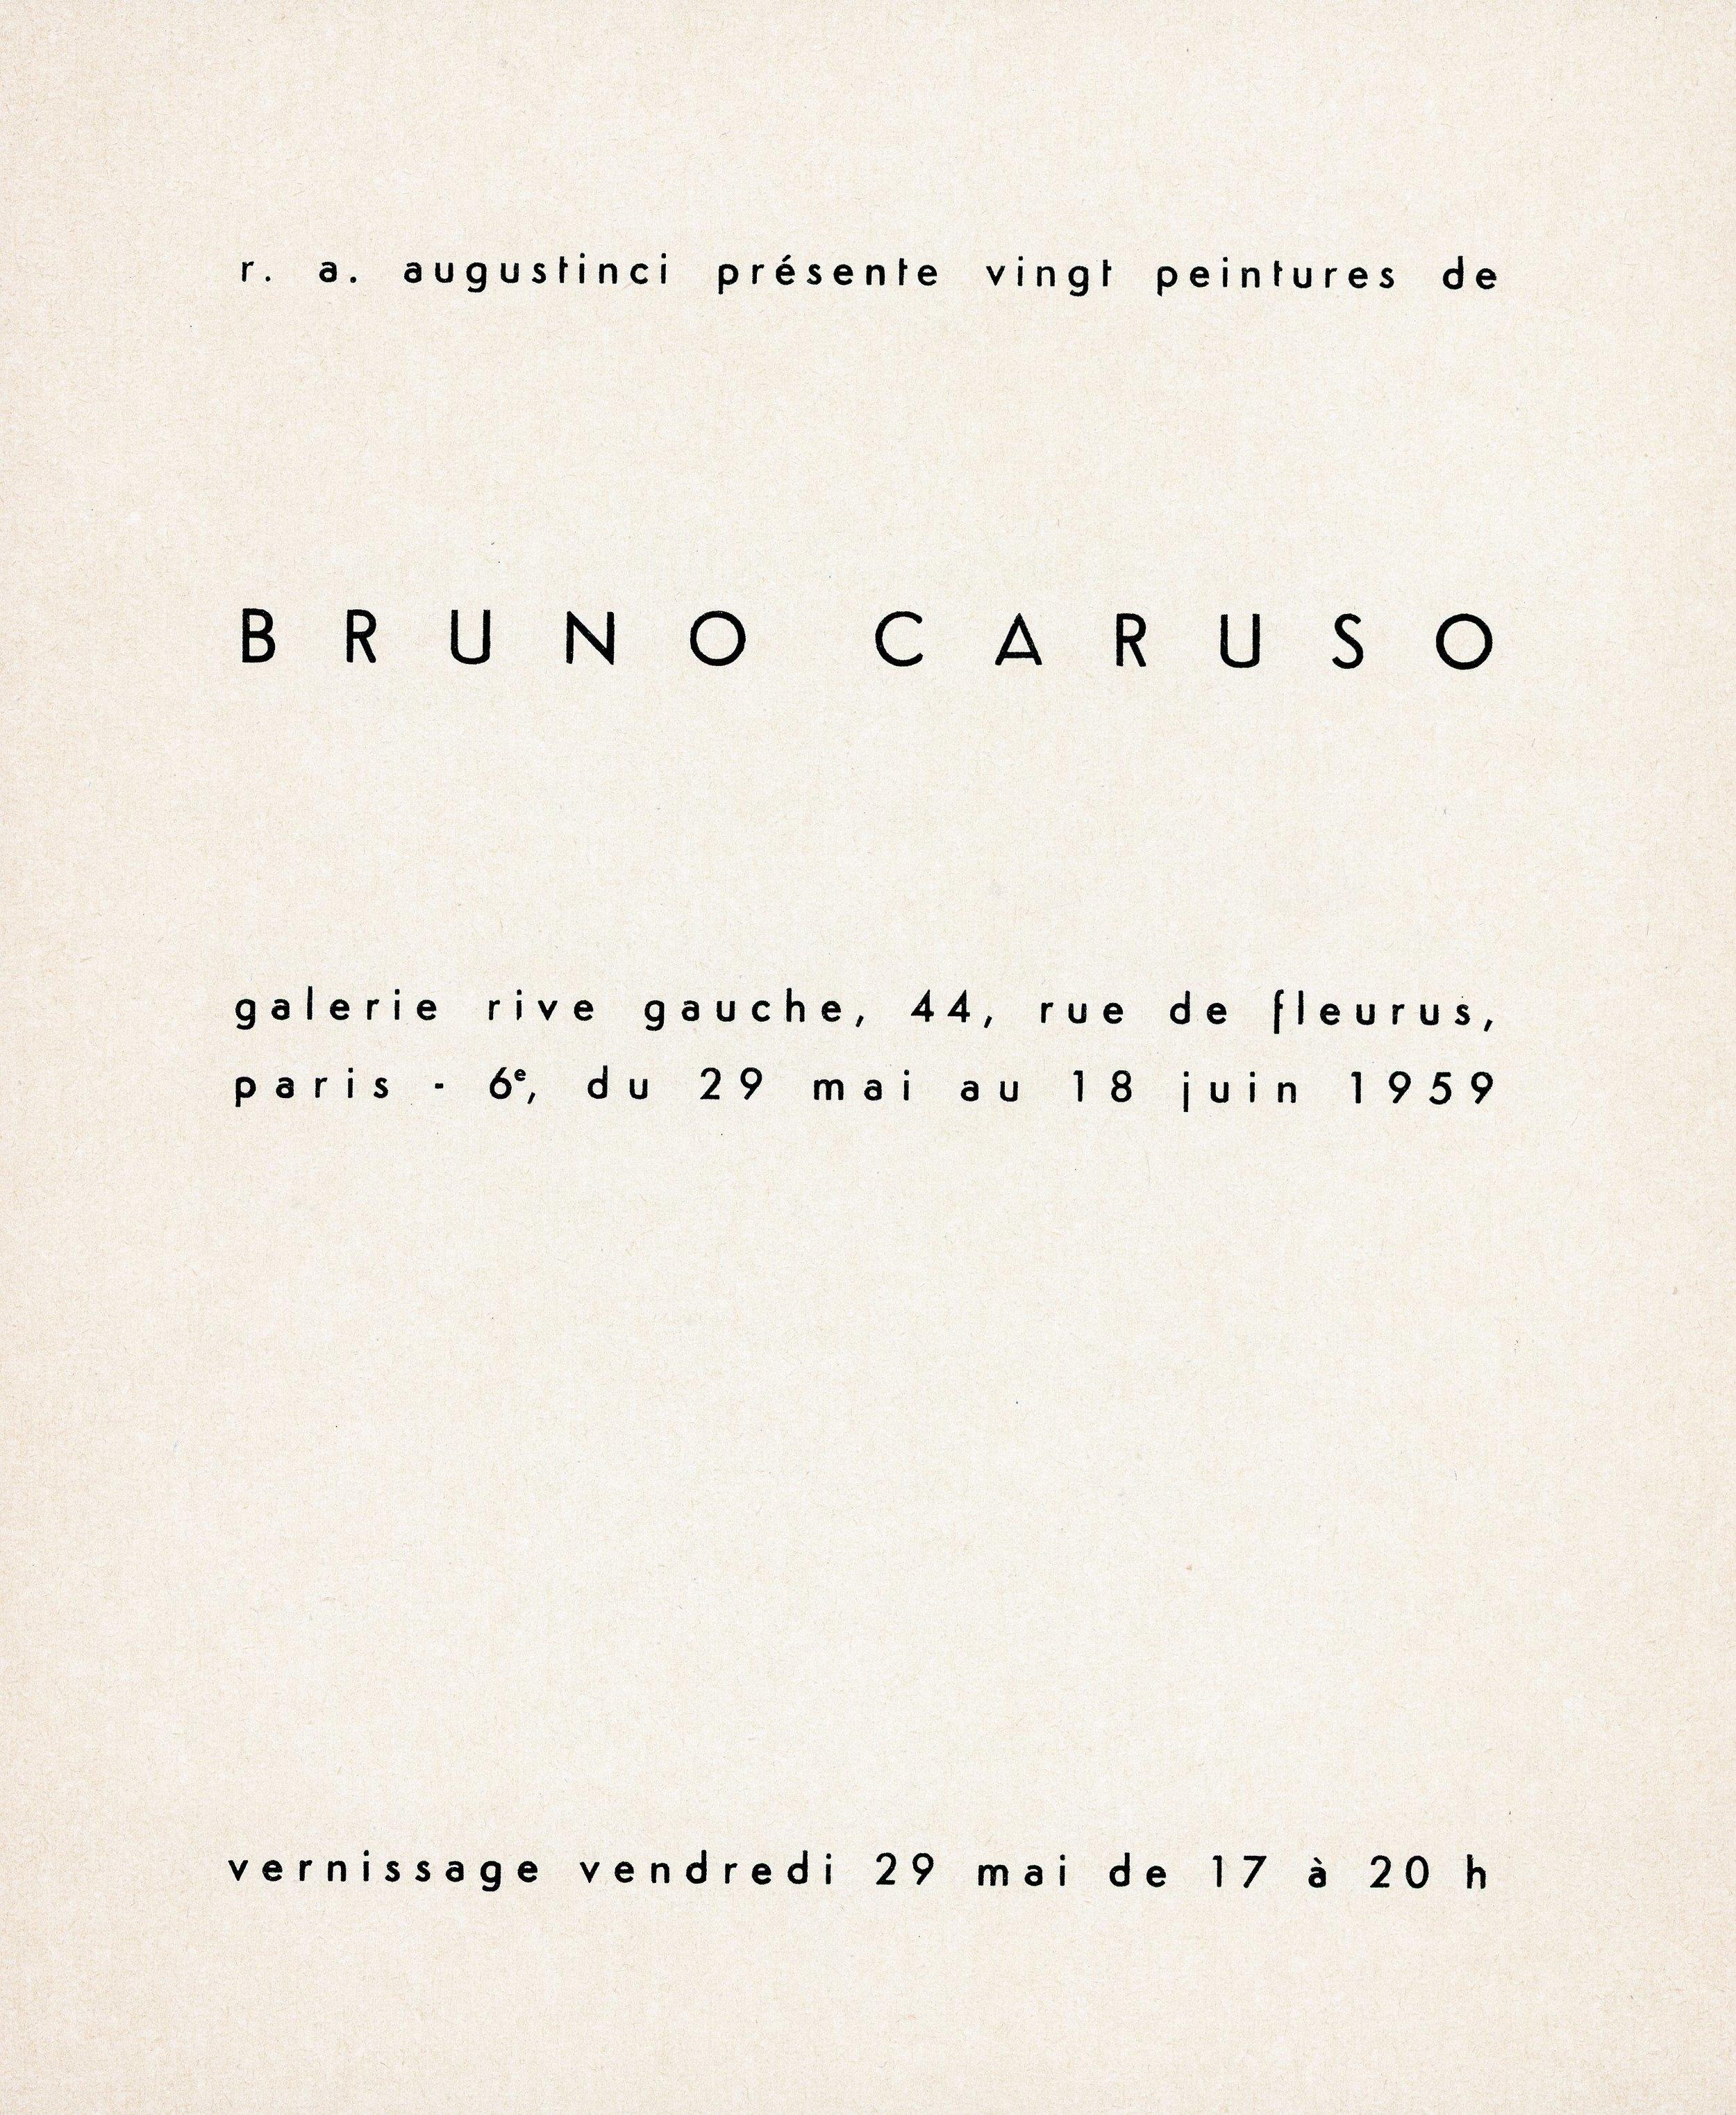 1959-06 Rive Gauche - Bruno Caruso_03.jpg